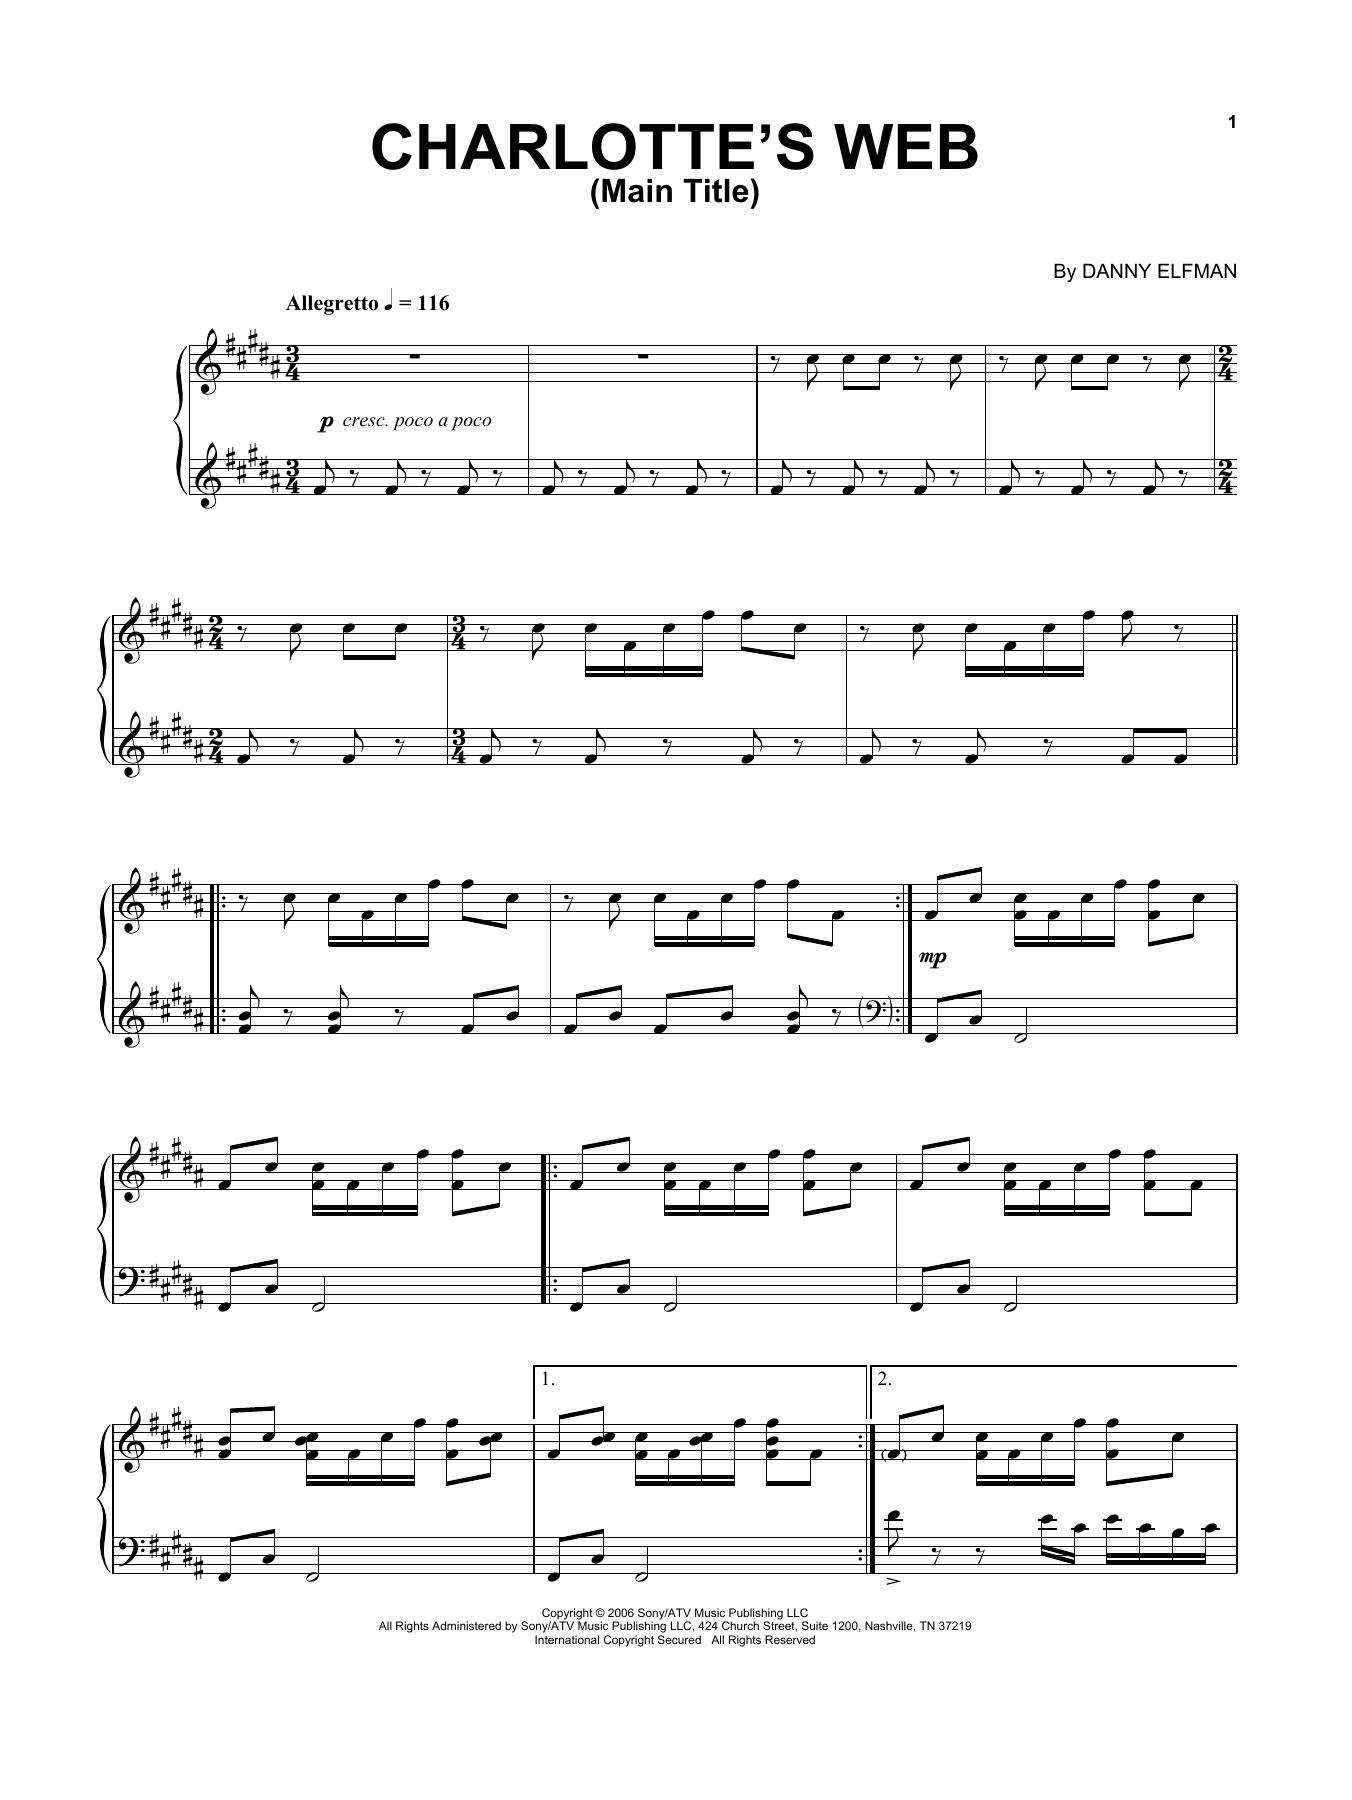 Charlotte's Web Main Title (Piano Solo)